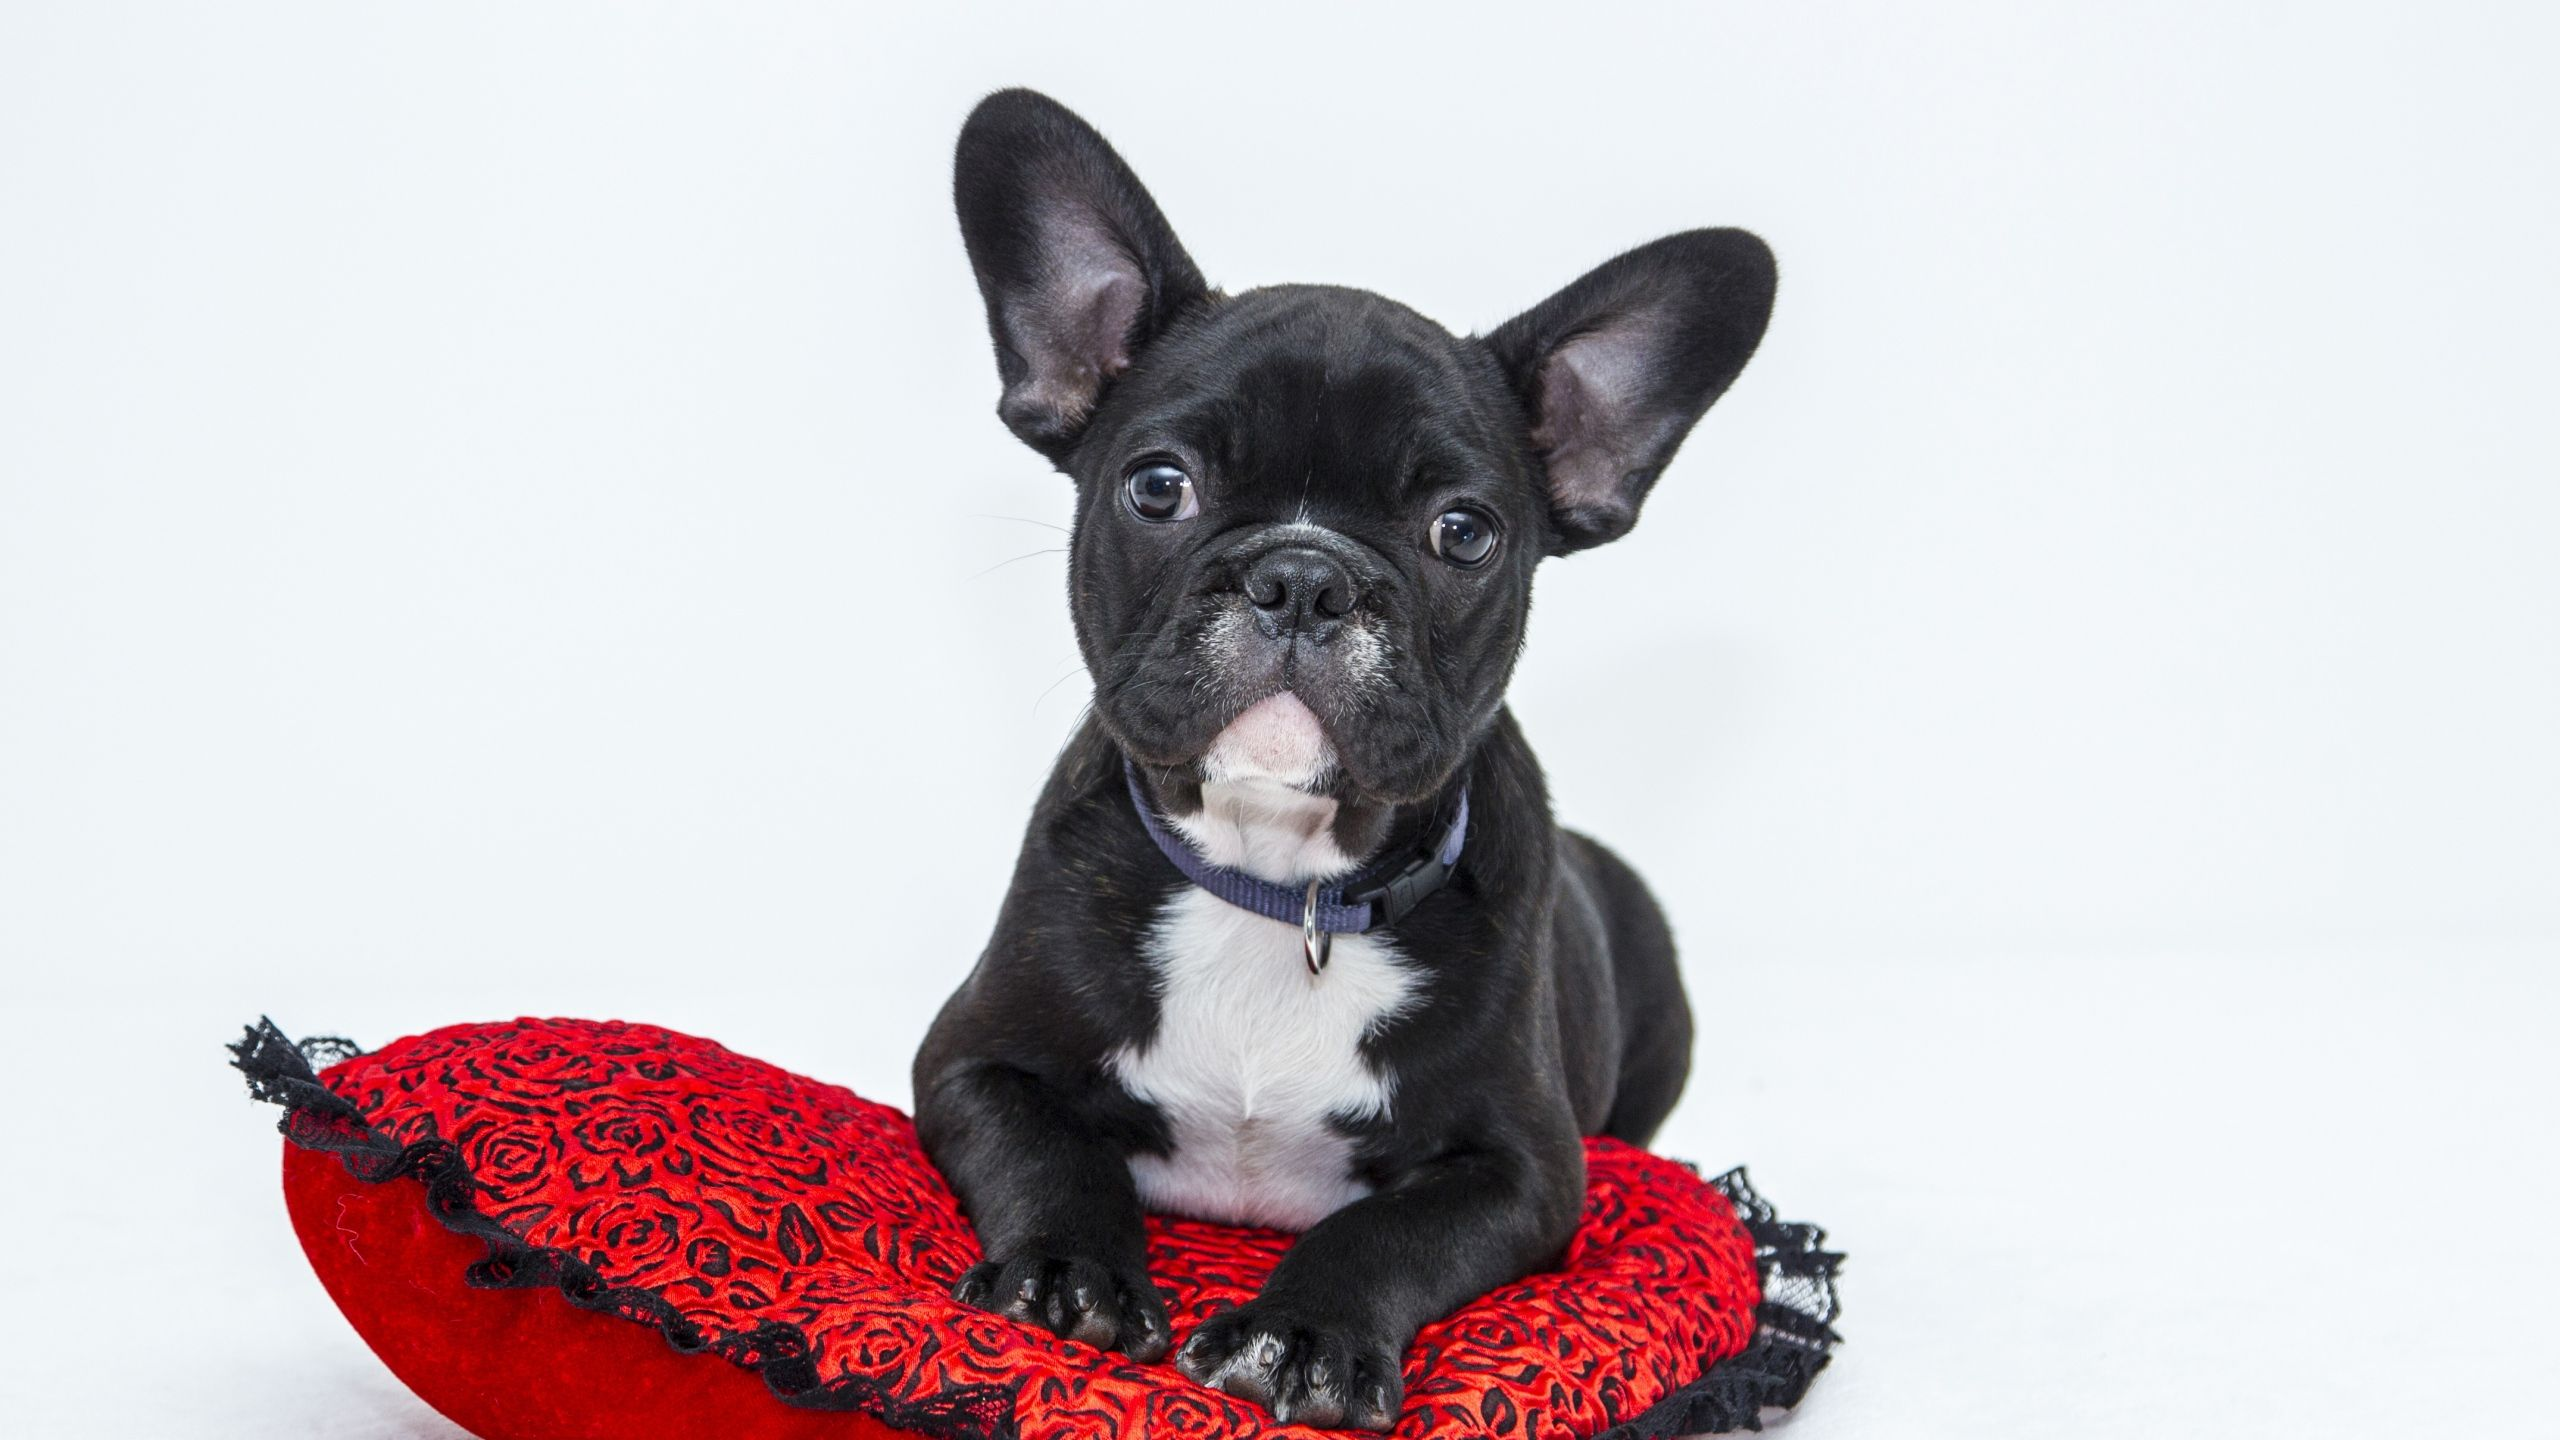 2560x1440 wallpaper bulldog dog pillow puppy dogs pinterest dog